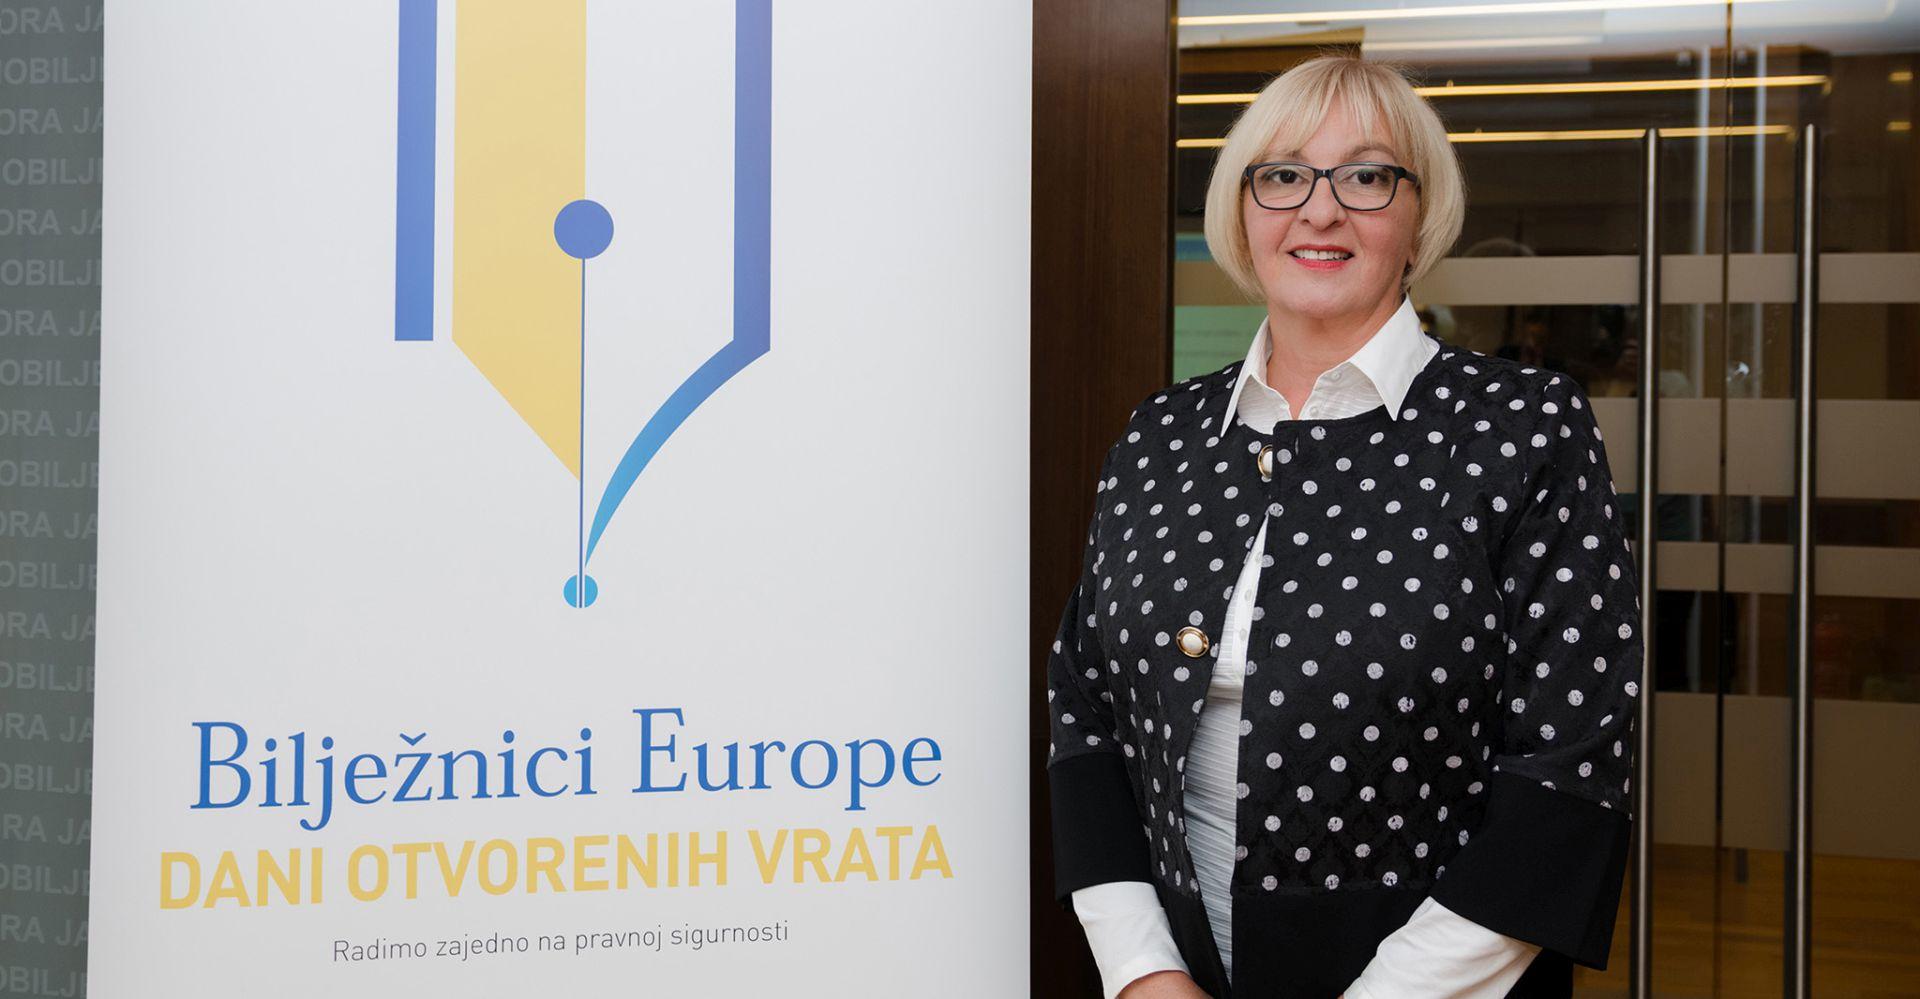 JAVNOBILJEŽNIČKA KOMORA 'Posljedice nedavnih presuda Suda EU se ne odnose na ovrhe u Hrvatskoj'